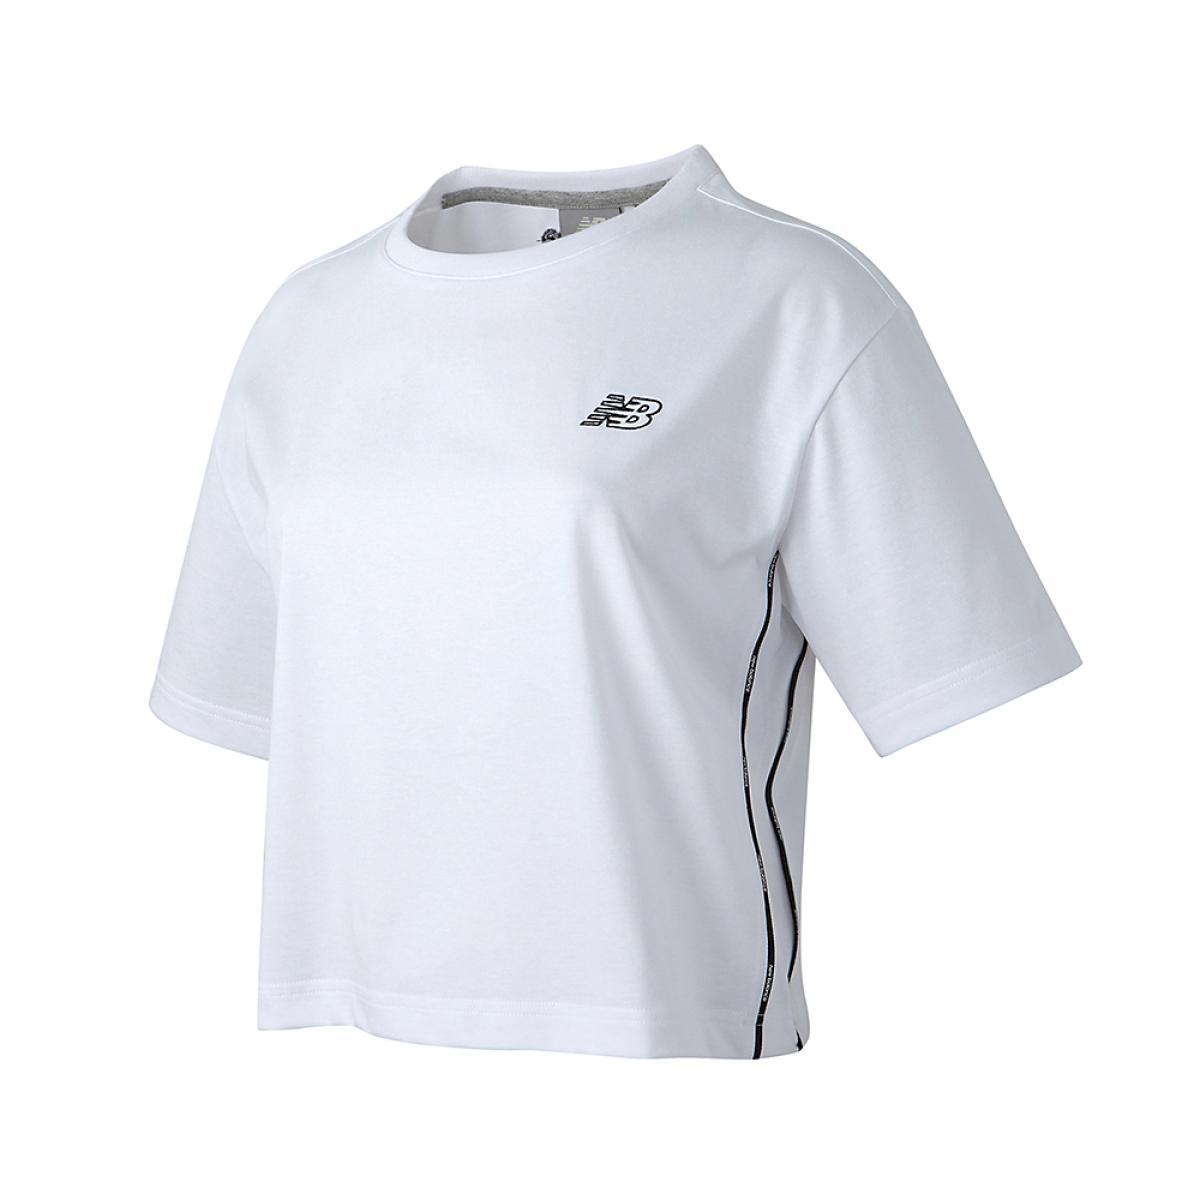 [온라인 단독] WOMEN 썸머트랙 티셔츠